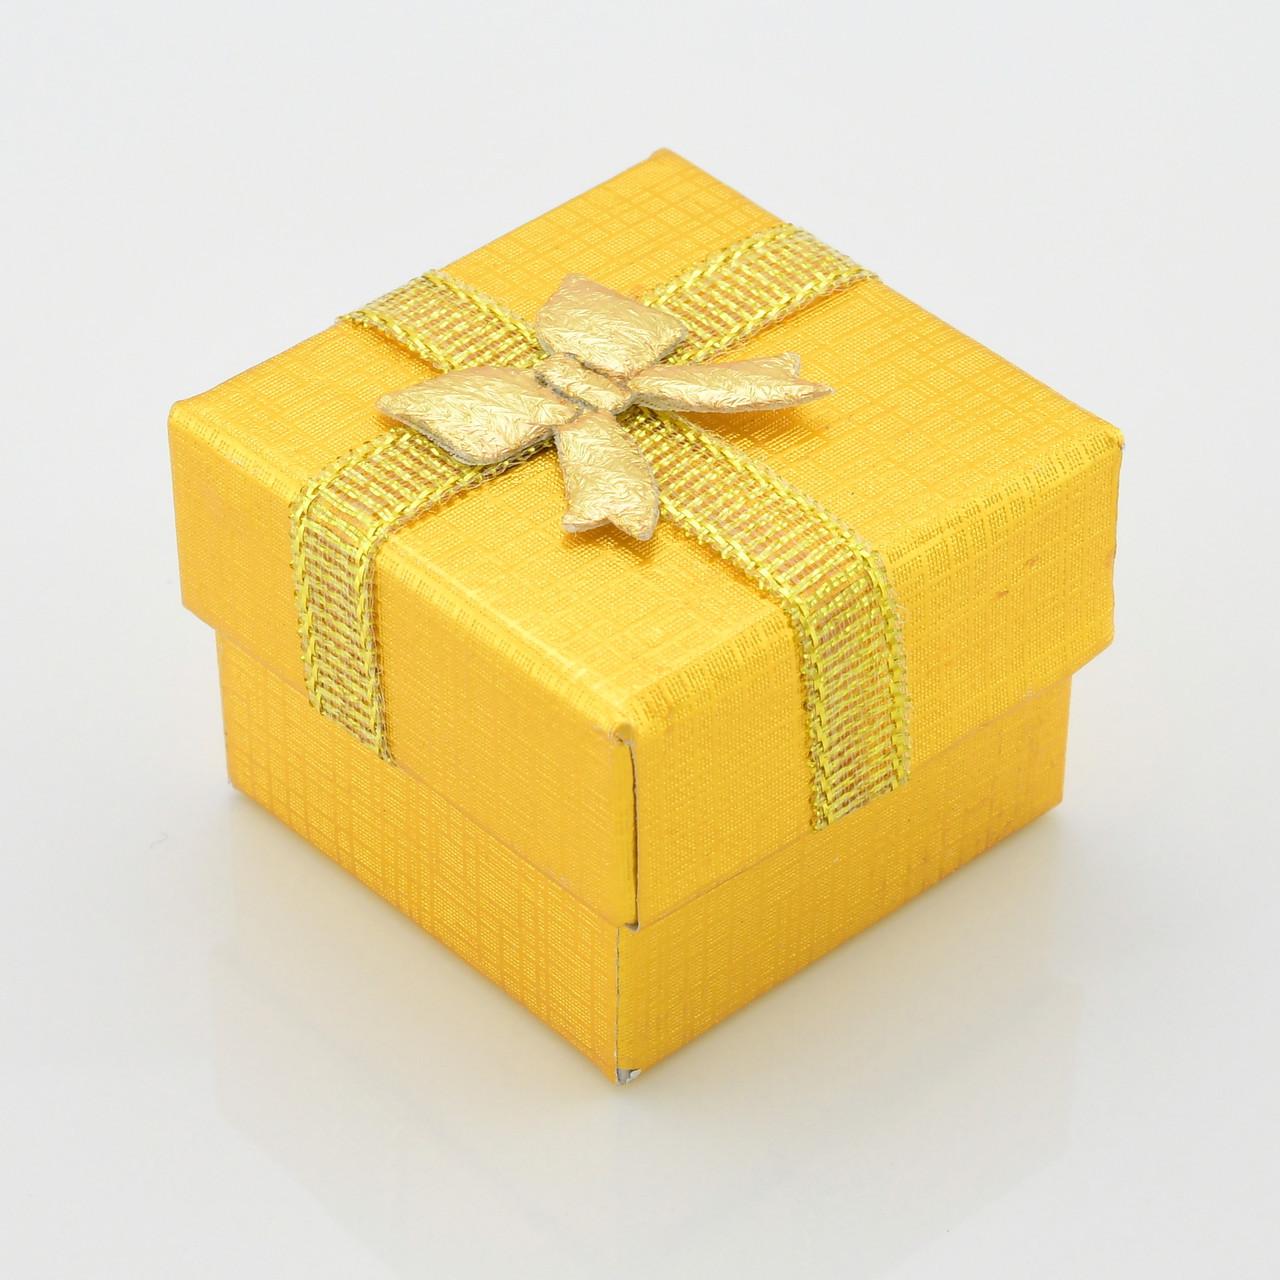 Коробочка золотая для кольца серег 740170 размер 5х5 см